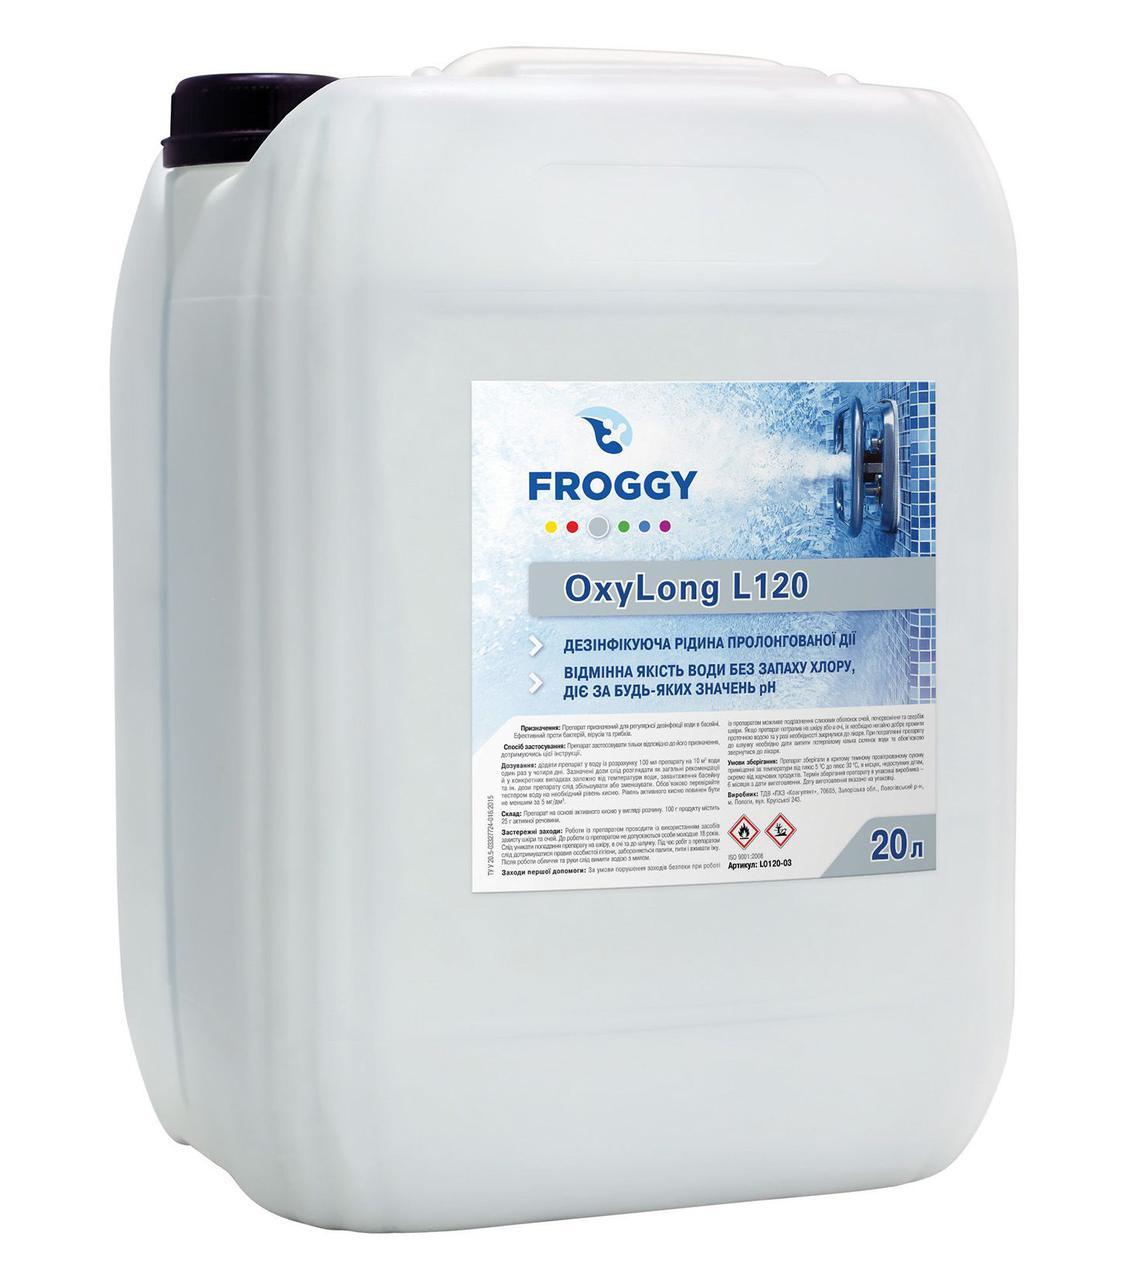 Активный кислород длительного действия Froggy OxyLong L120 (20 л). Жидкость для дезинфекции воды